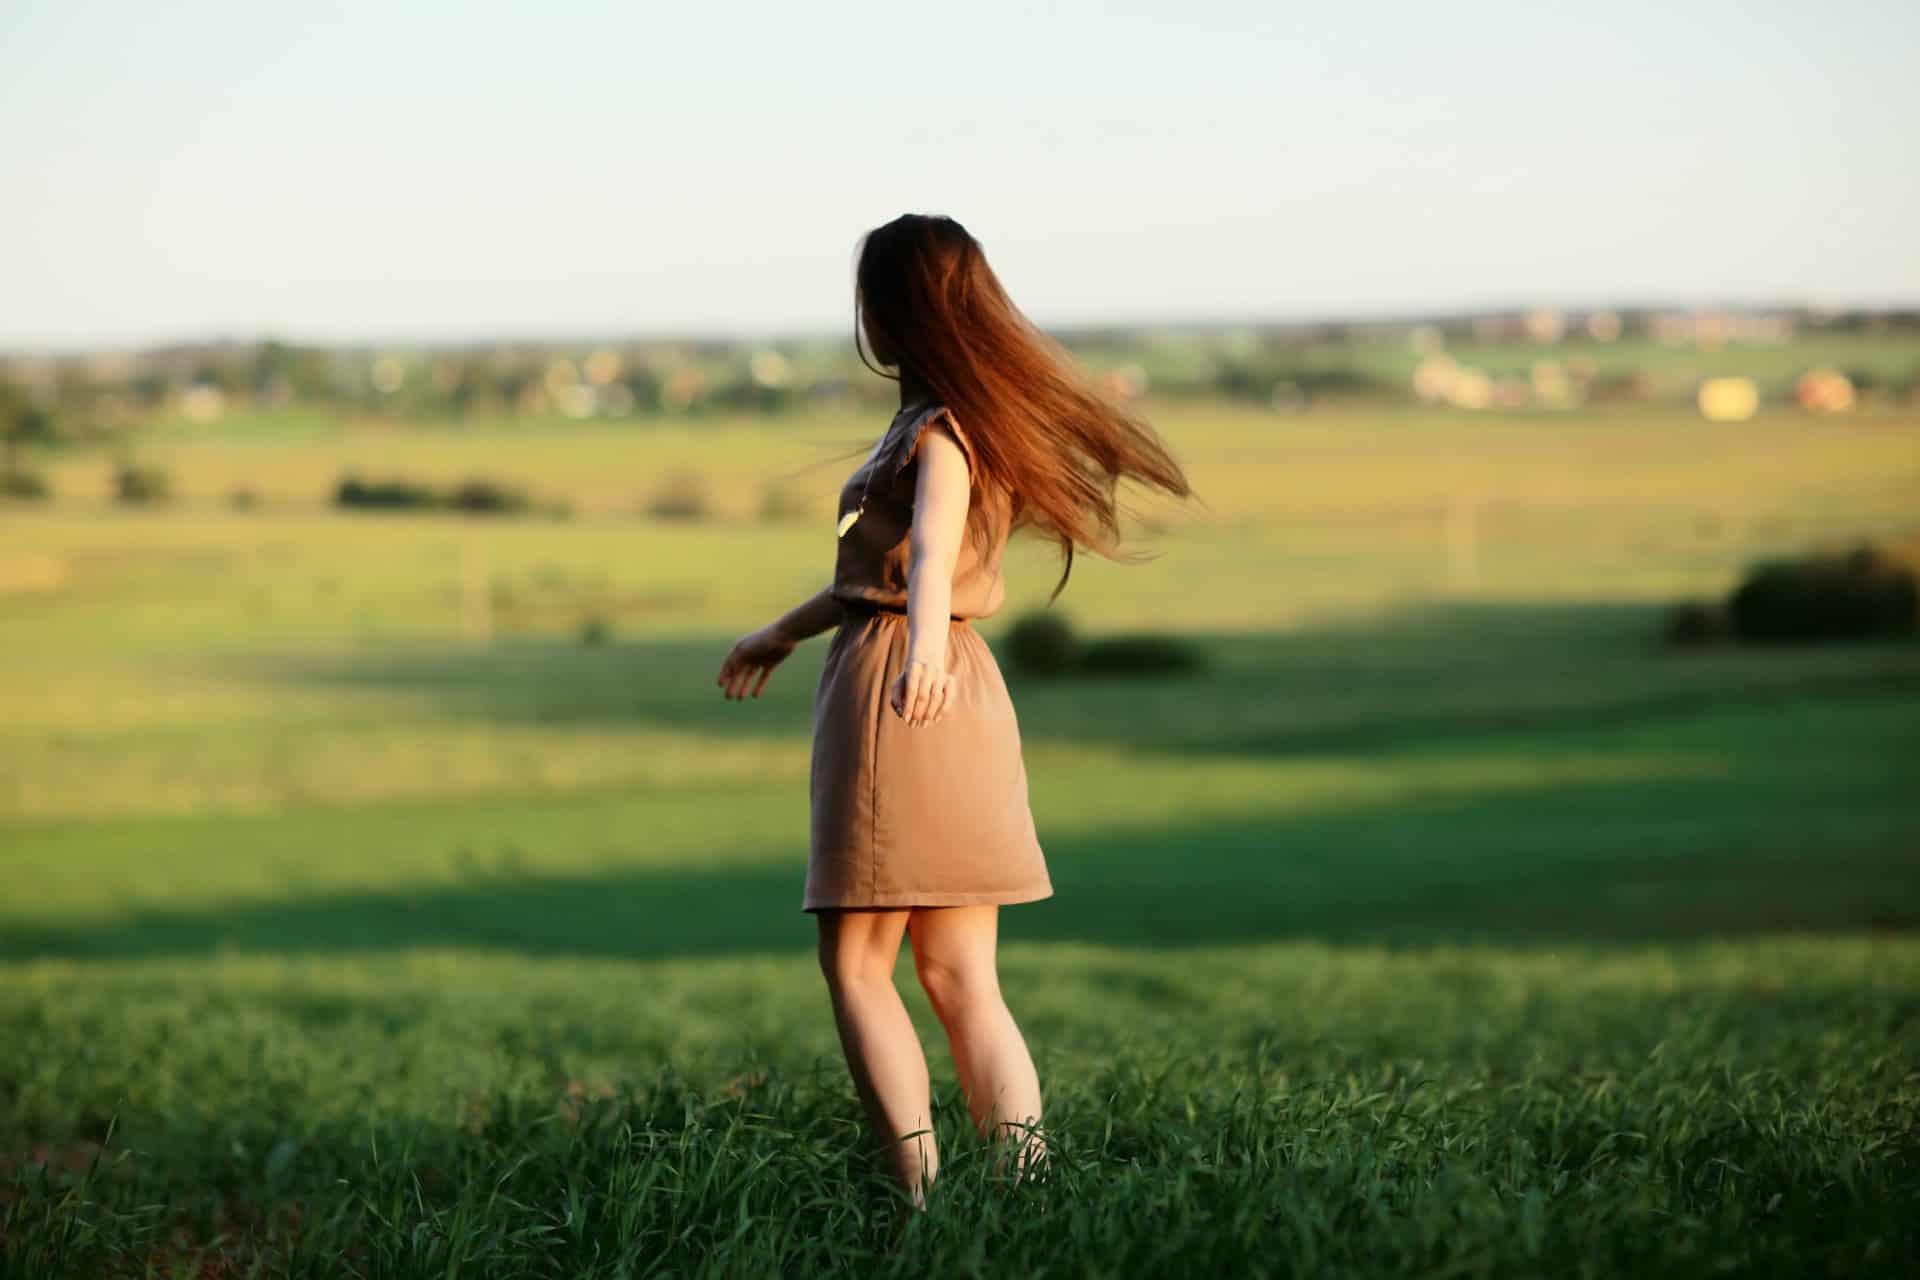 אישה עומדת בשדה